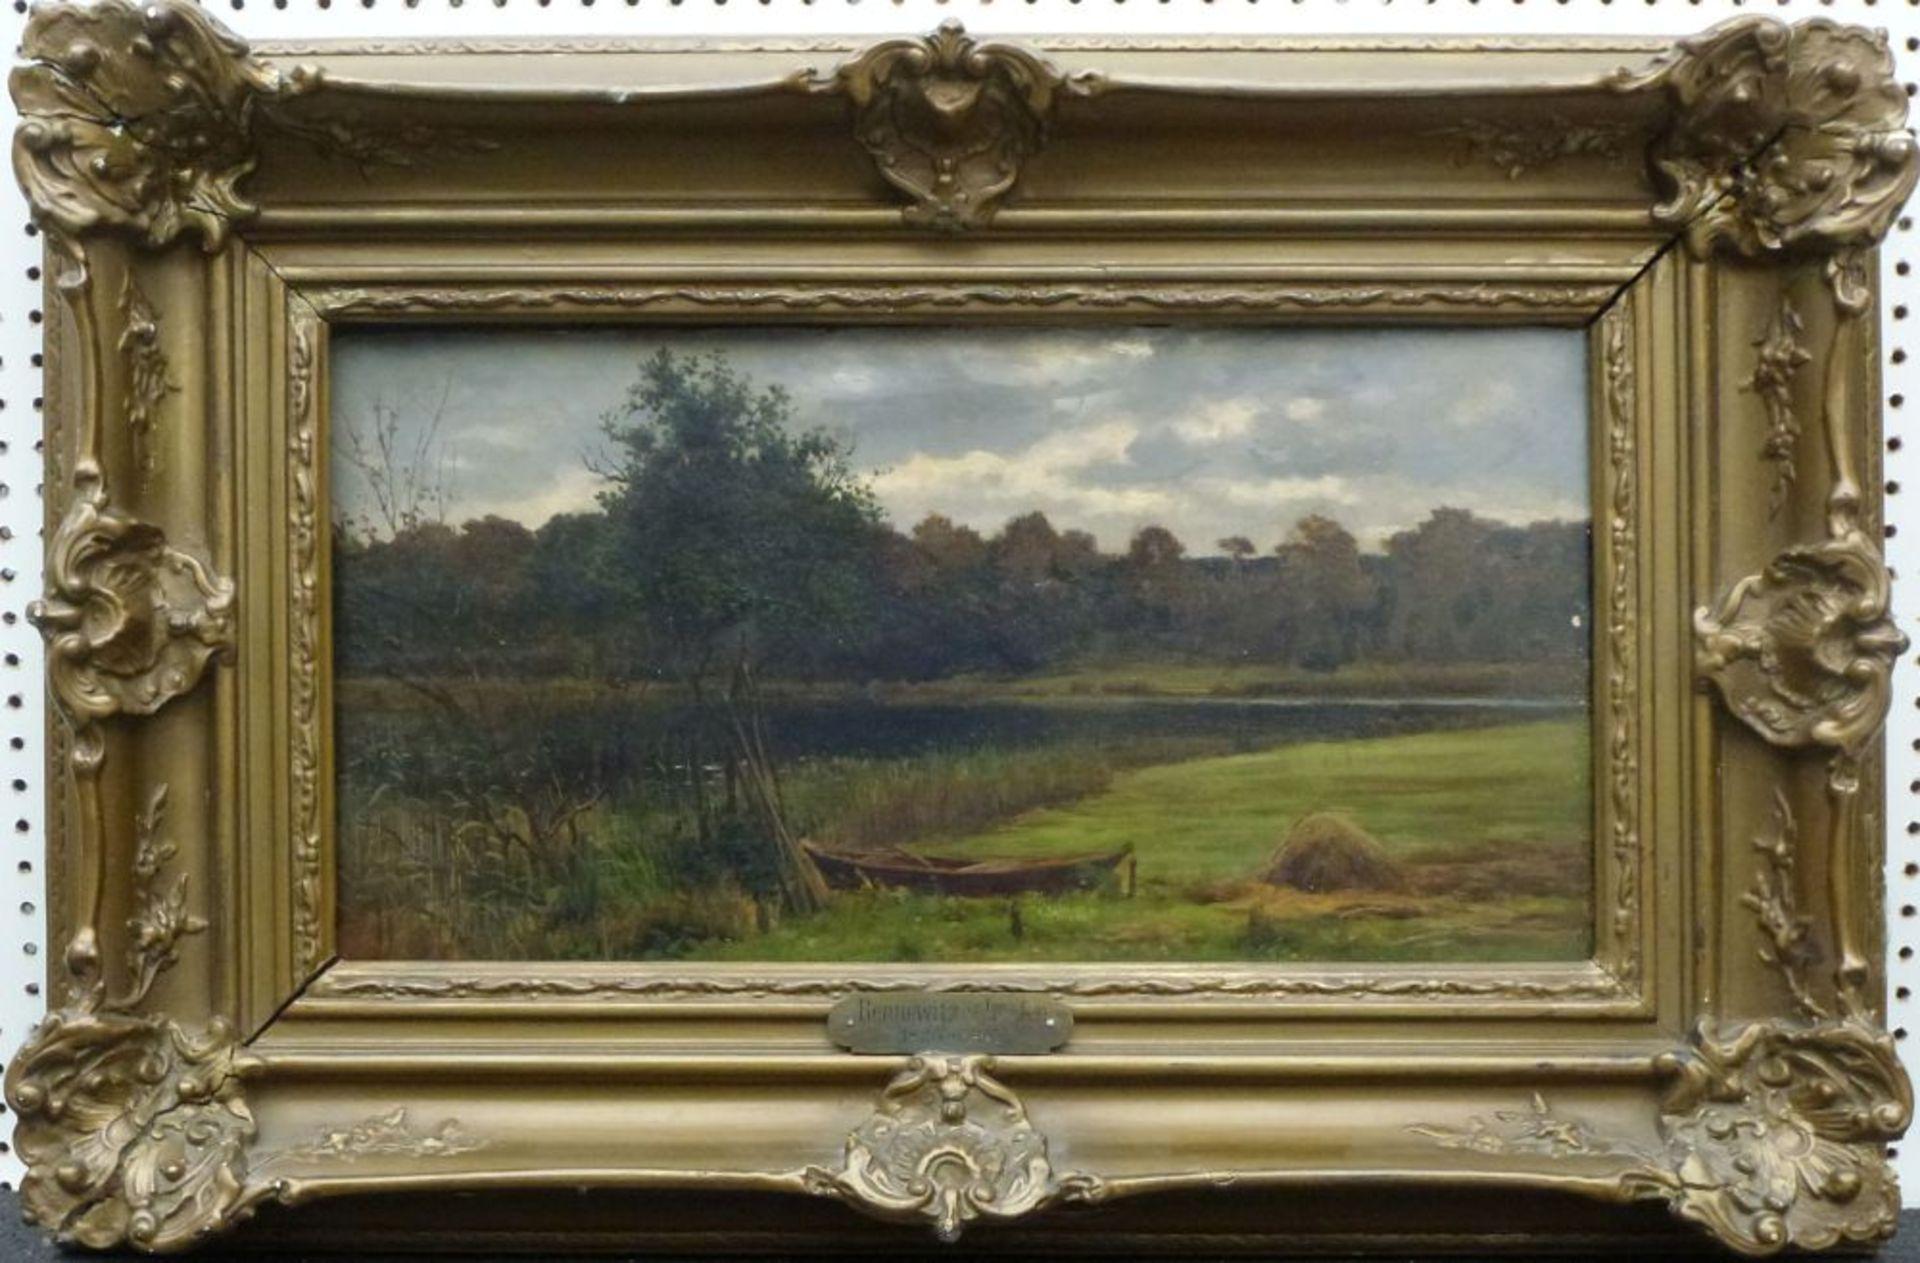 Märkische LandschaftKarl Bennewitz von Loefen(?), 1826 - 1895Öl/Platte, Sommerwiese mit Kahn am See, - Bild 2 aus 2